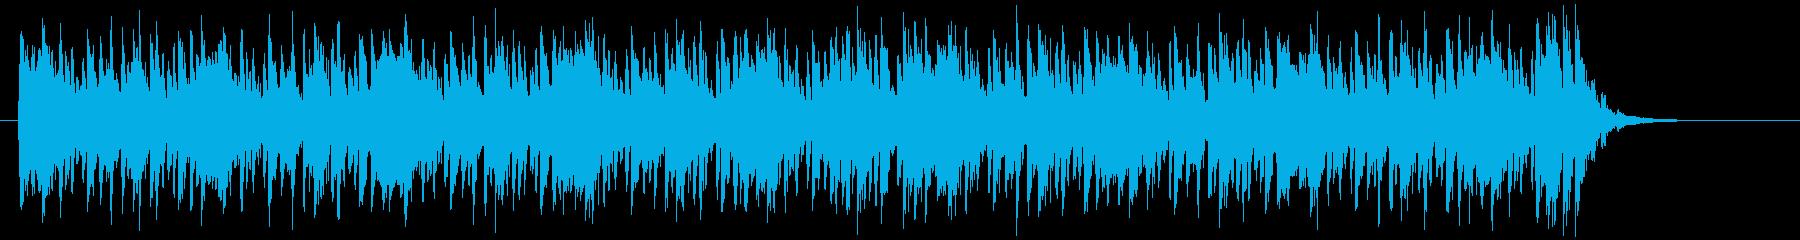 スピーディーで緩やかなシンセジングルの再生済みの波形